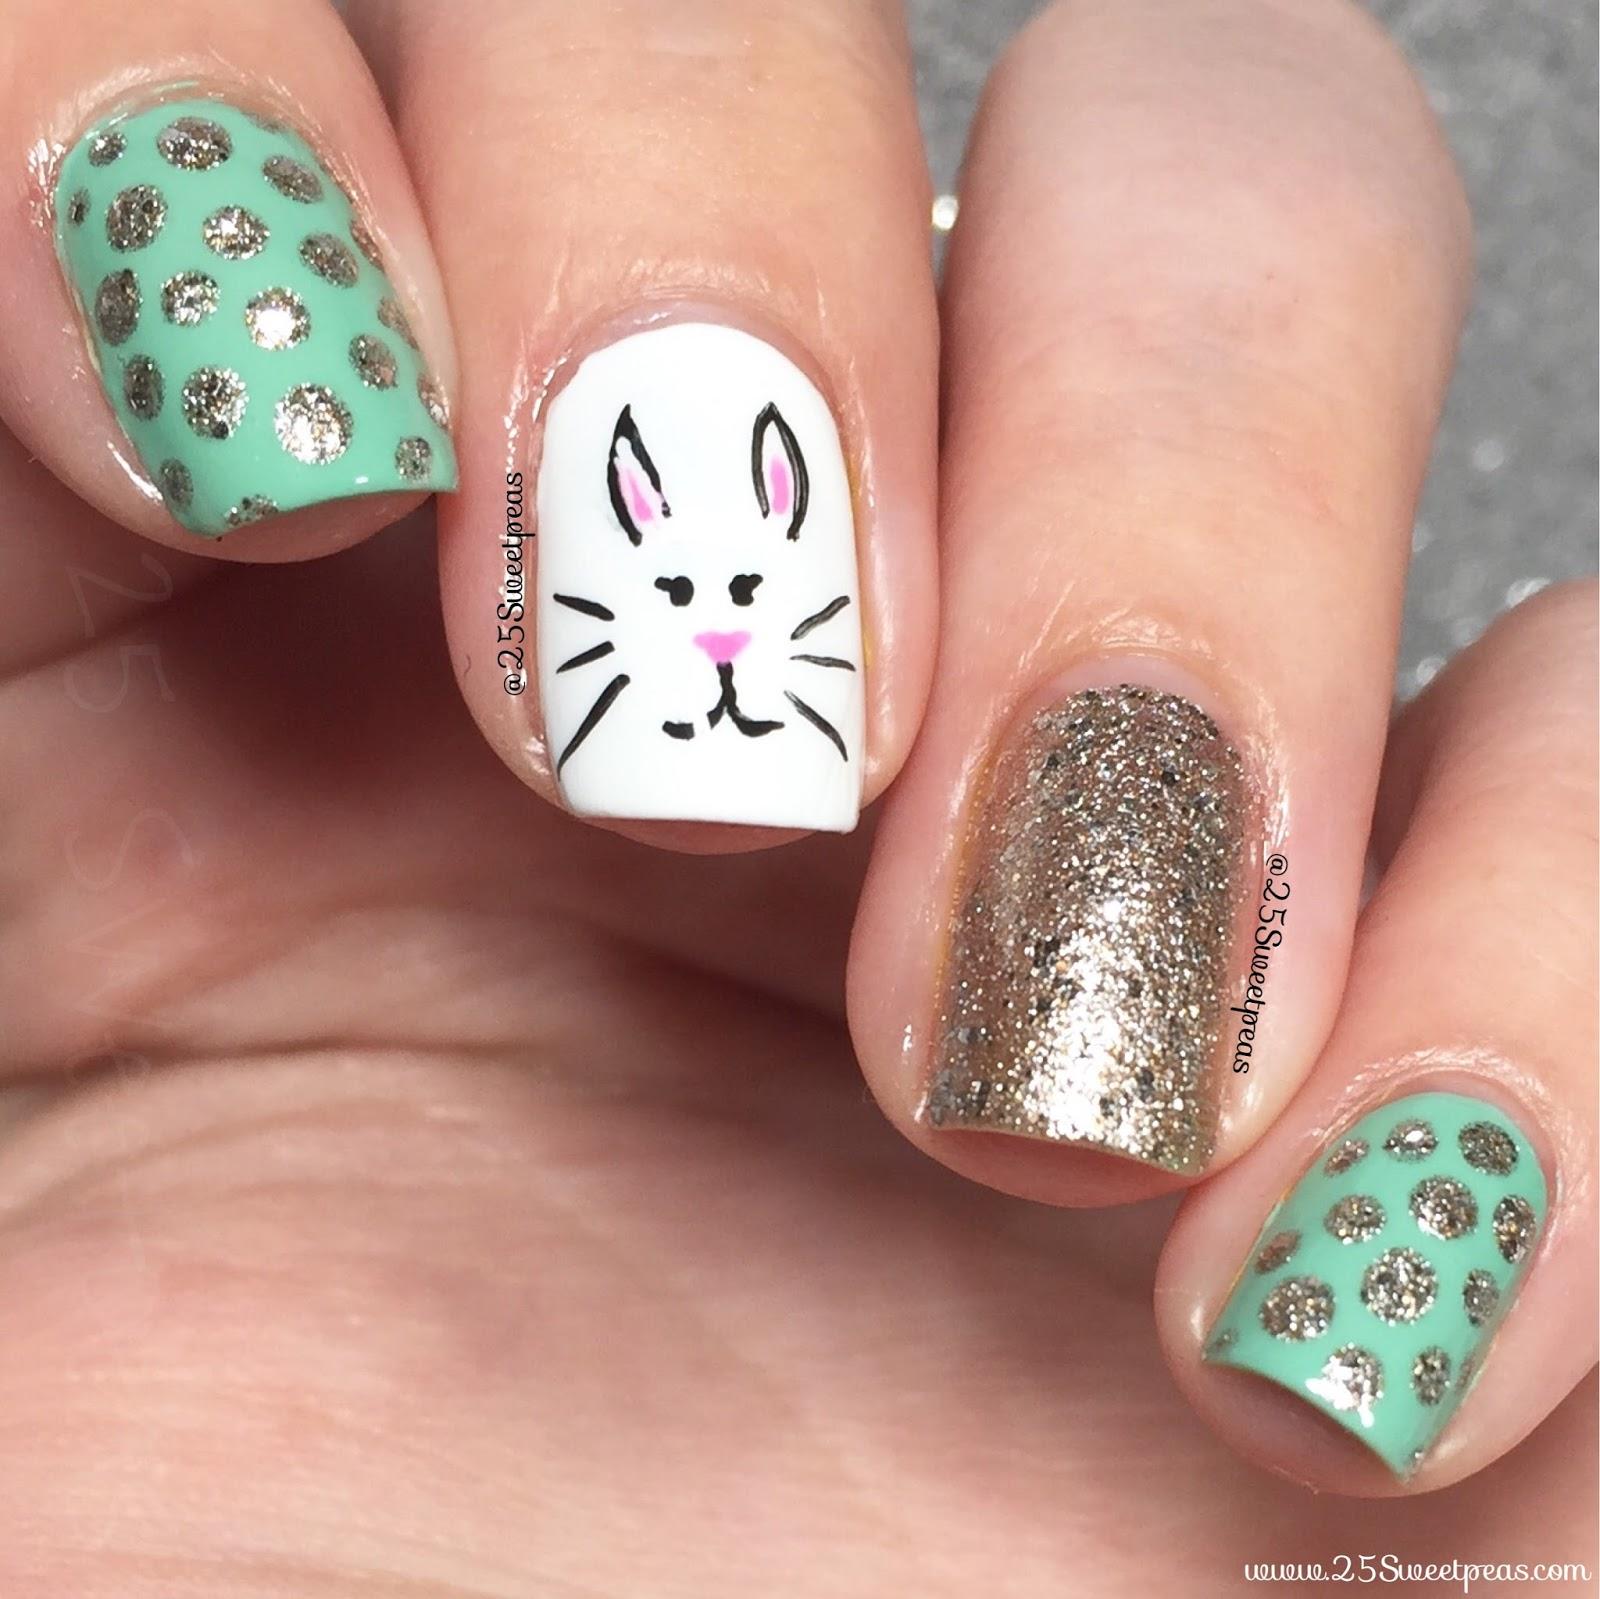 Serendipity Nail Polish Bunny Nails